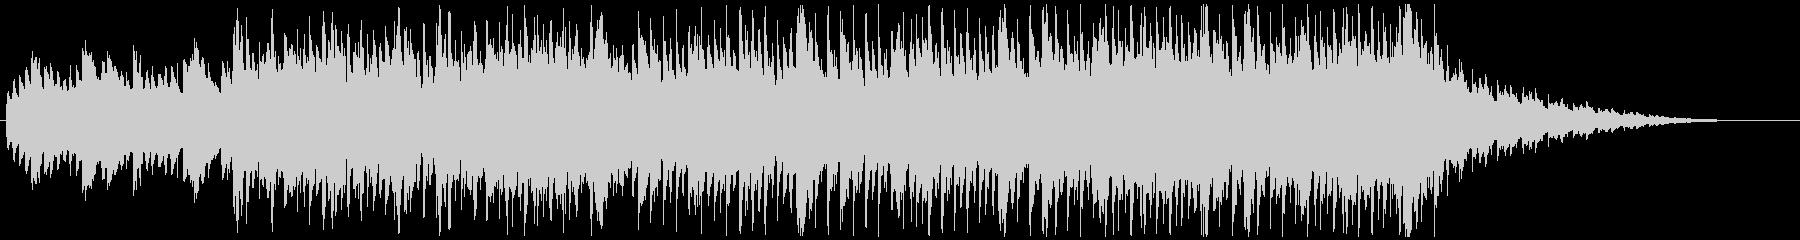 琴や三味線を用いた和風で軽快なノリの曲の未再生の波形